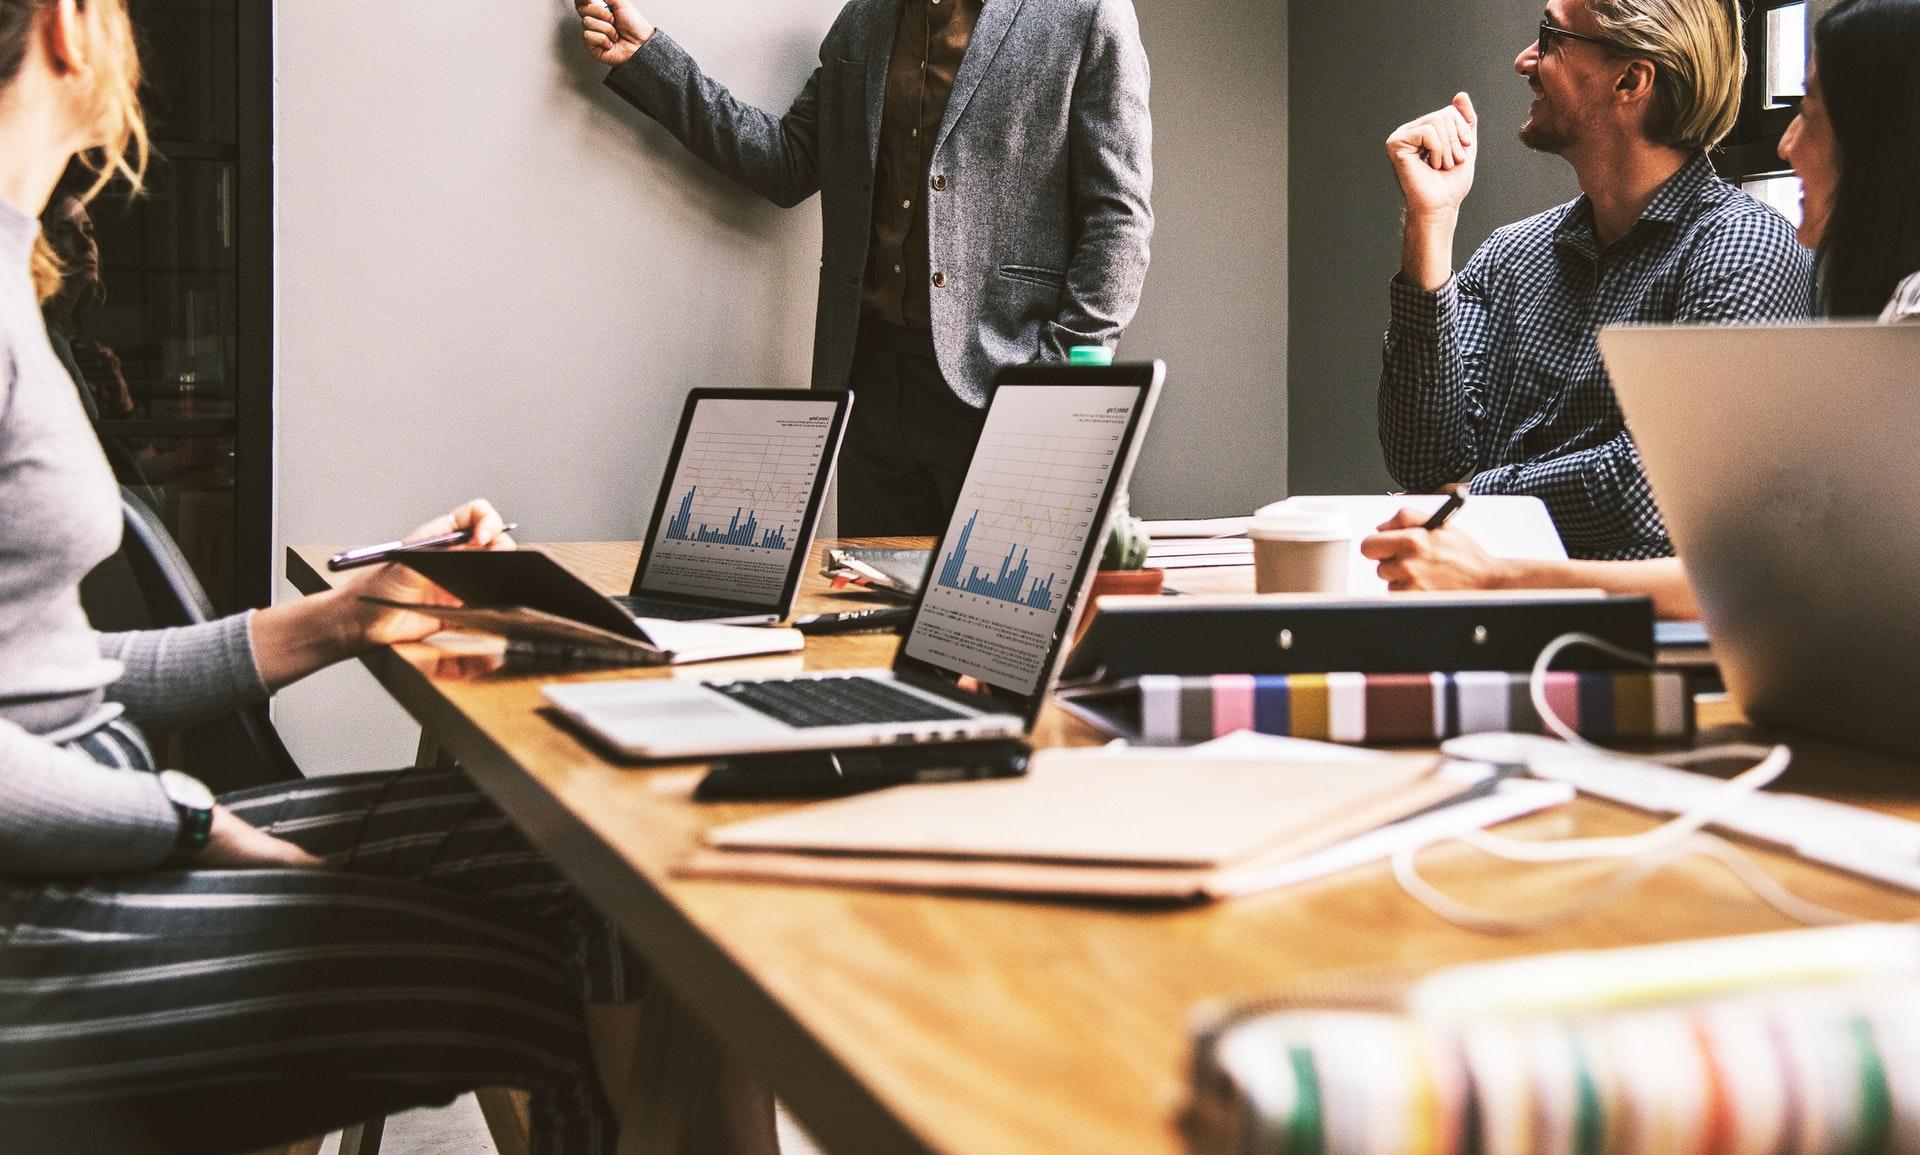 Как мы повысили эффективность проджект-менеджеров, снизив их загруженность